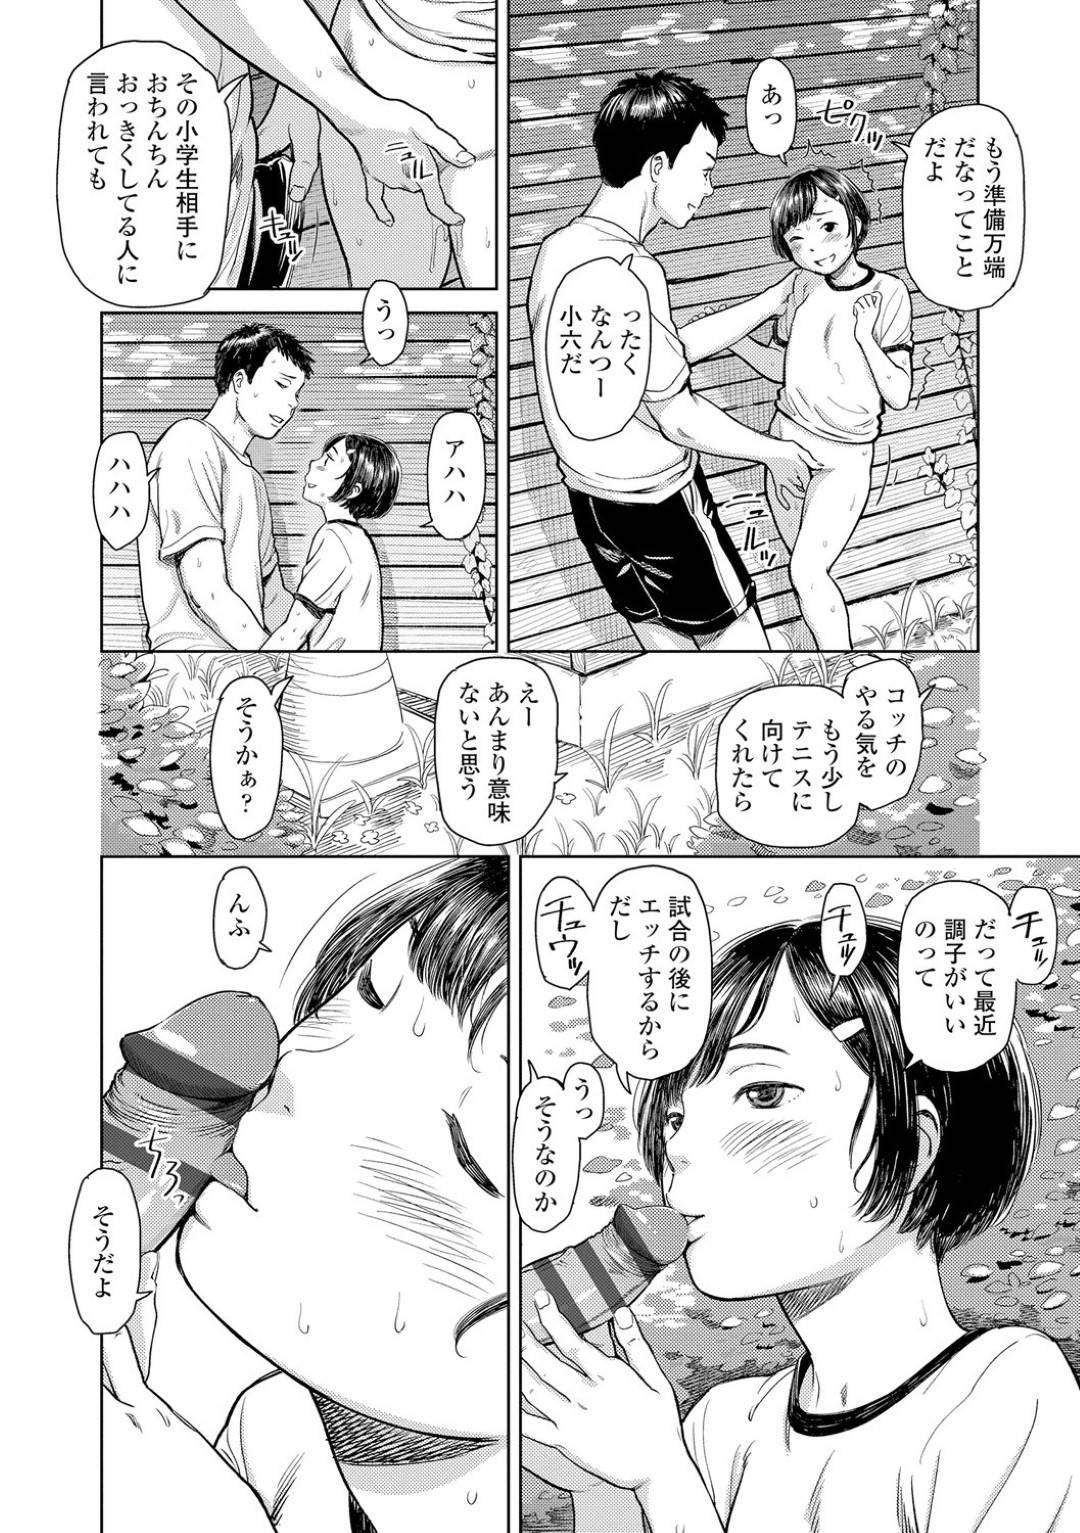 【エロ漫画】担任の教師と草陰に隠れてこっそりエッチする淫乱貧乳JS…彼女は彼にディープキスをしたり、フェラしたりし、更には中出しセックスまでする!【鬼束直:ほっとすぽっと】